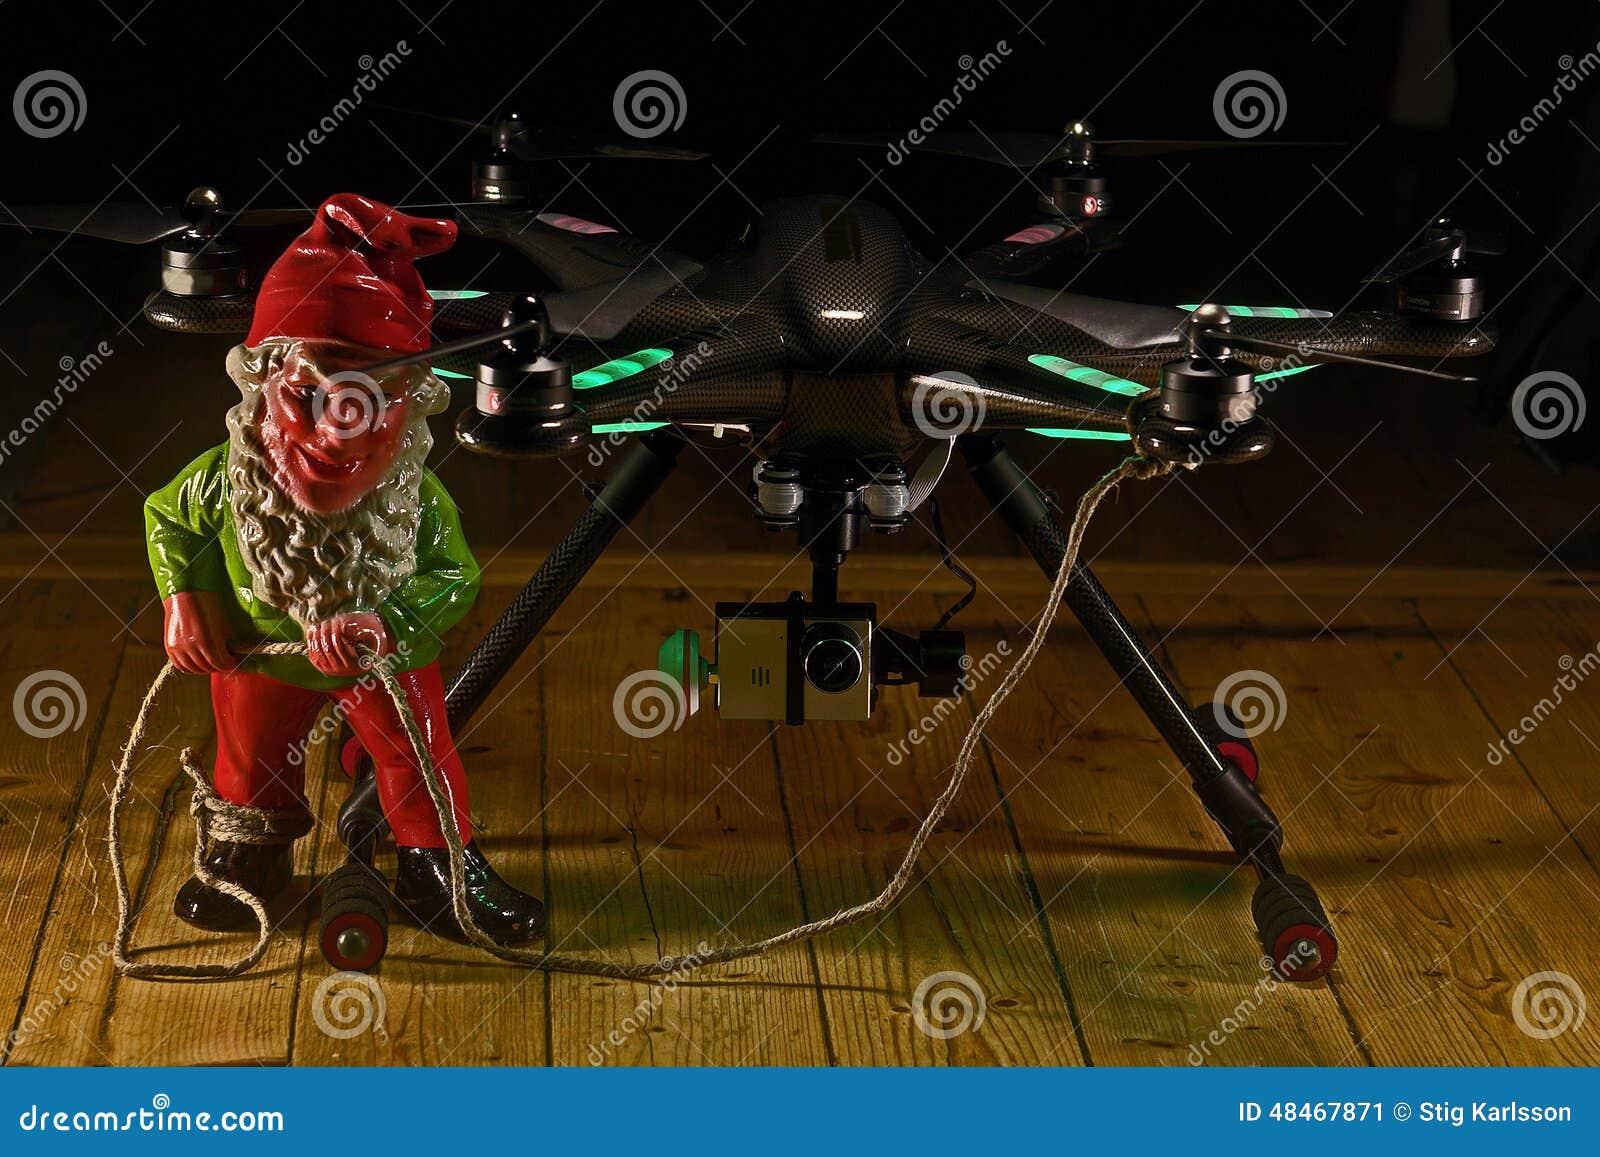 Elf trzyma Hexacopter z kamerą w hdr